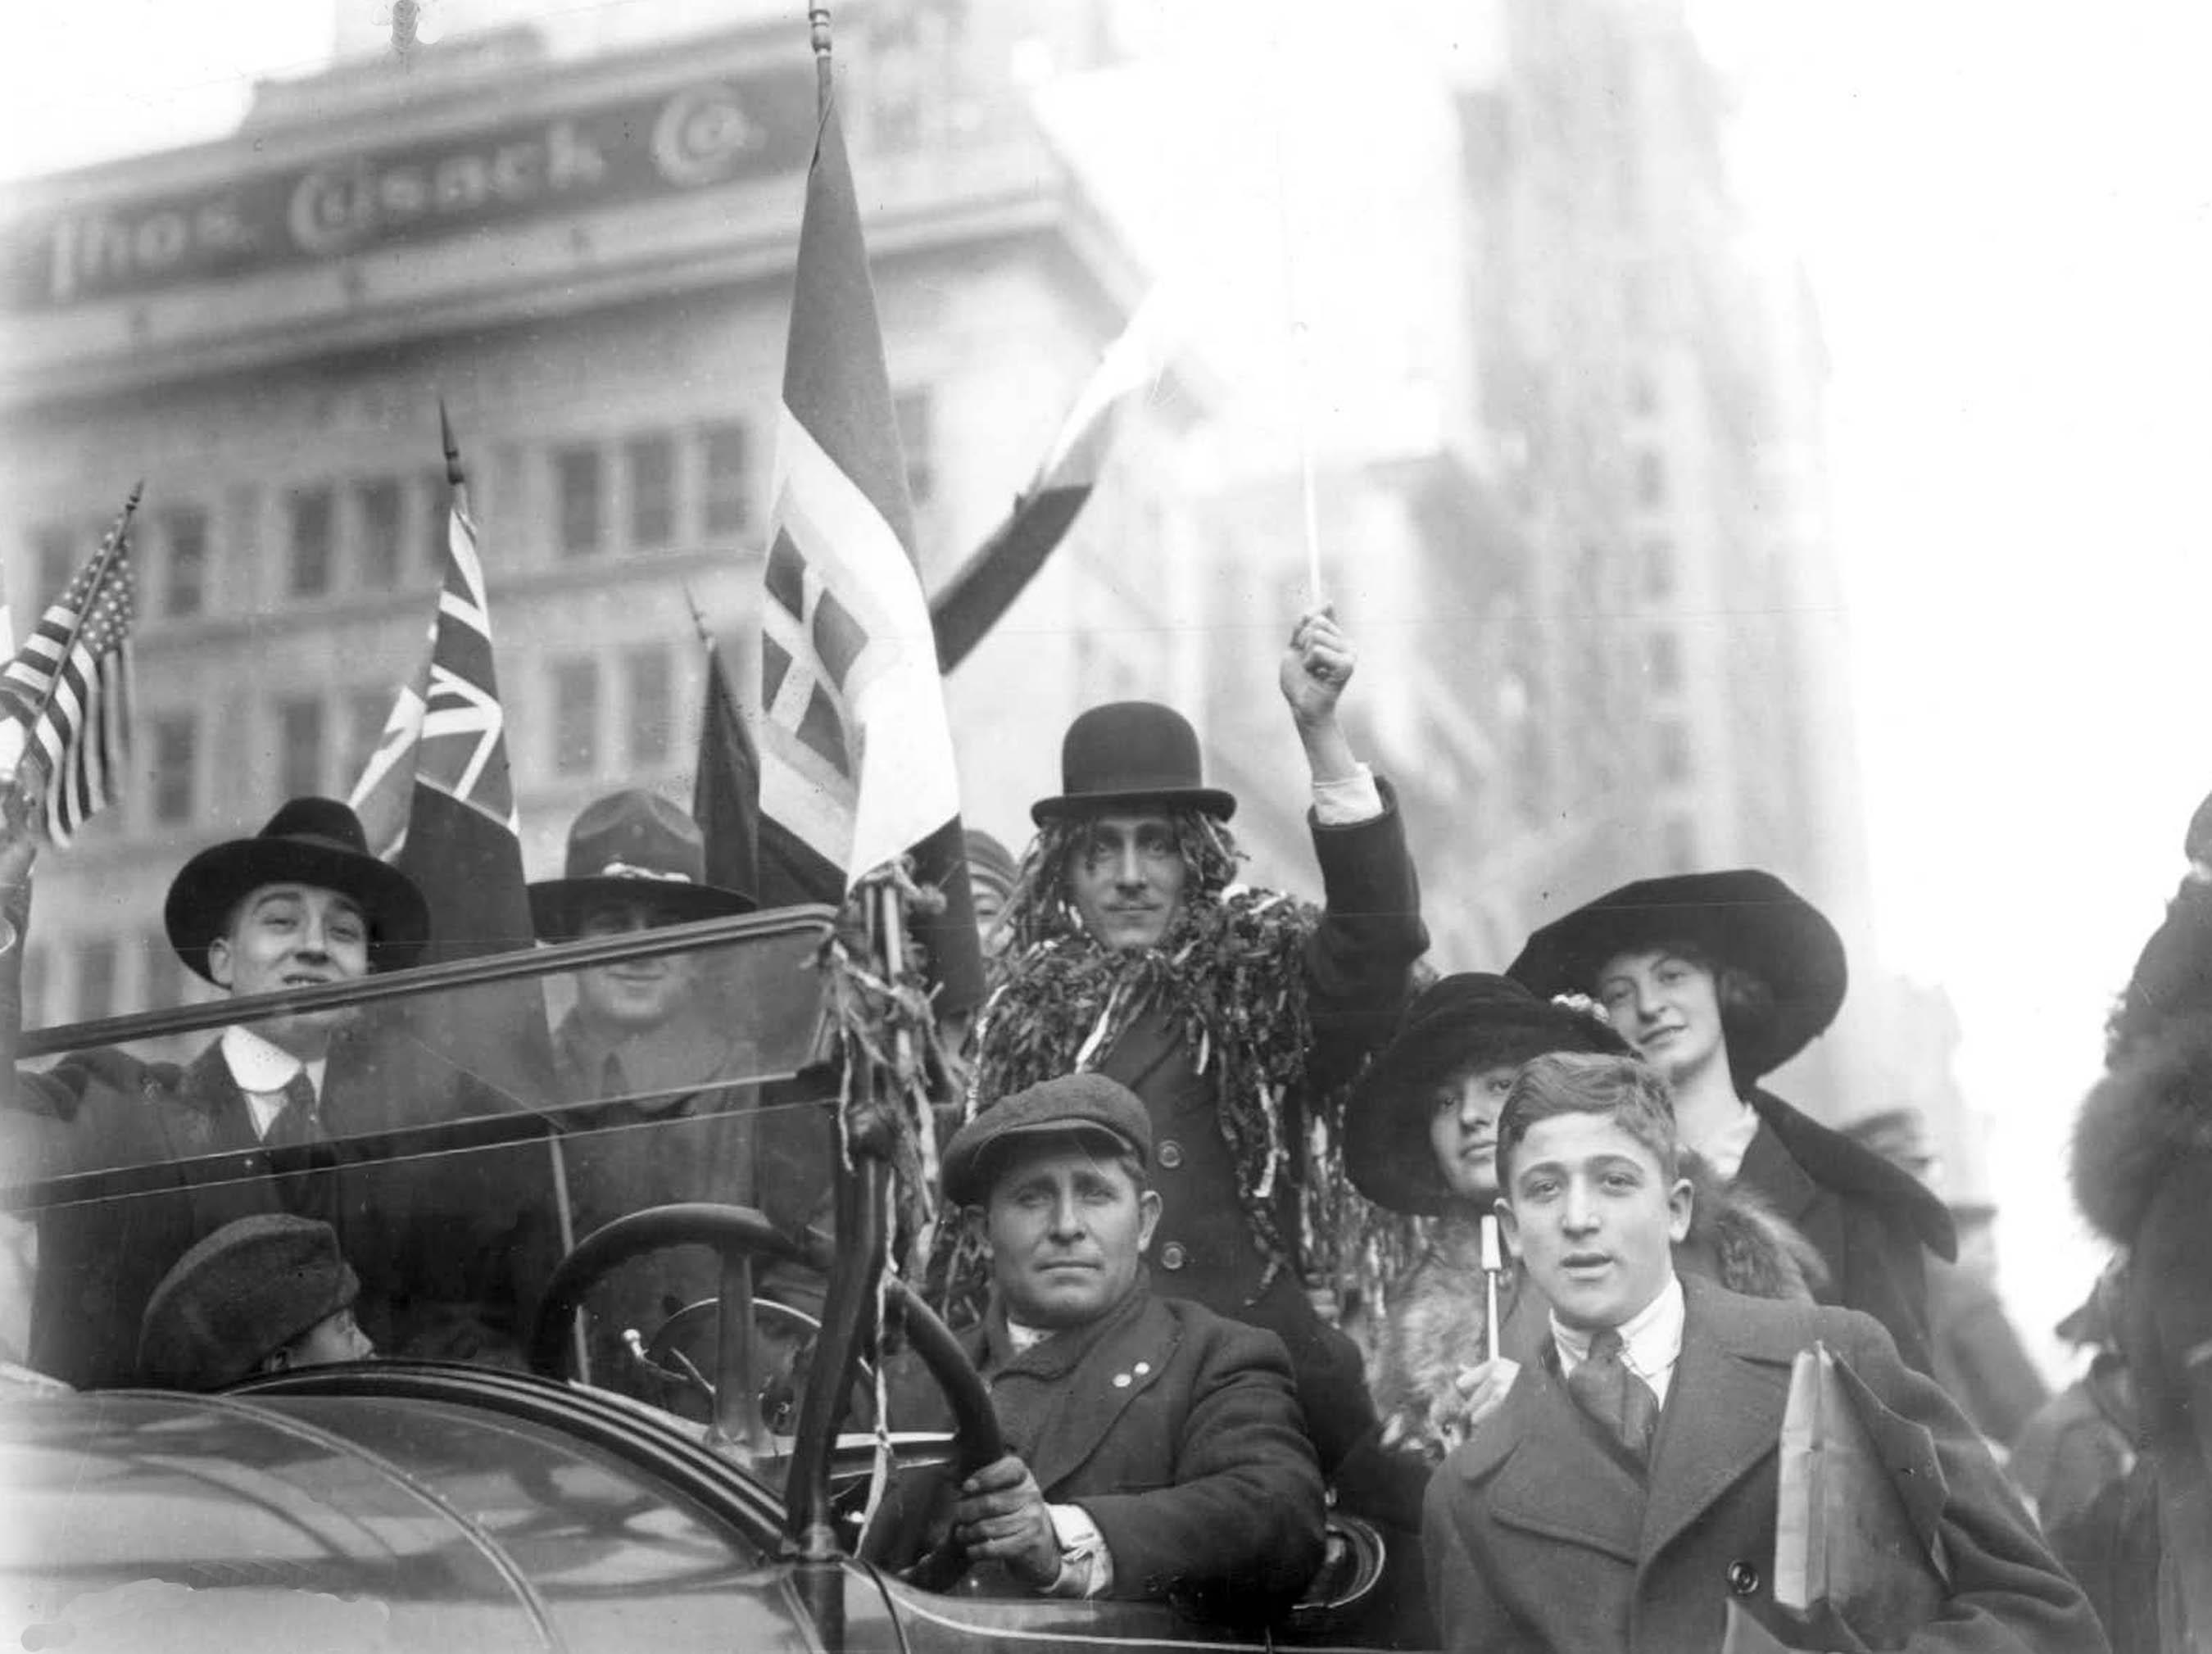 1918年11月11日,這一天是第一次世界大戰的「停戰紀念日」(Armistice Day),為了向戰場上的戰士致敬,美國也訂這天為退伍軍人節(Veterans Day)。圖為當時美國民眾上街慶祝戰爭結束的畫面。(美聯社)